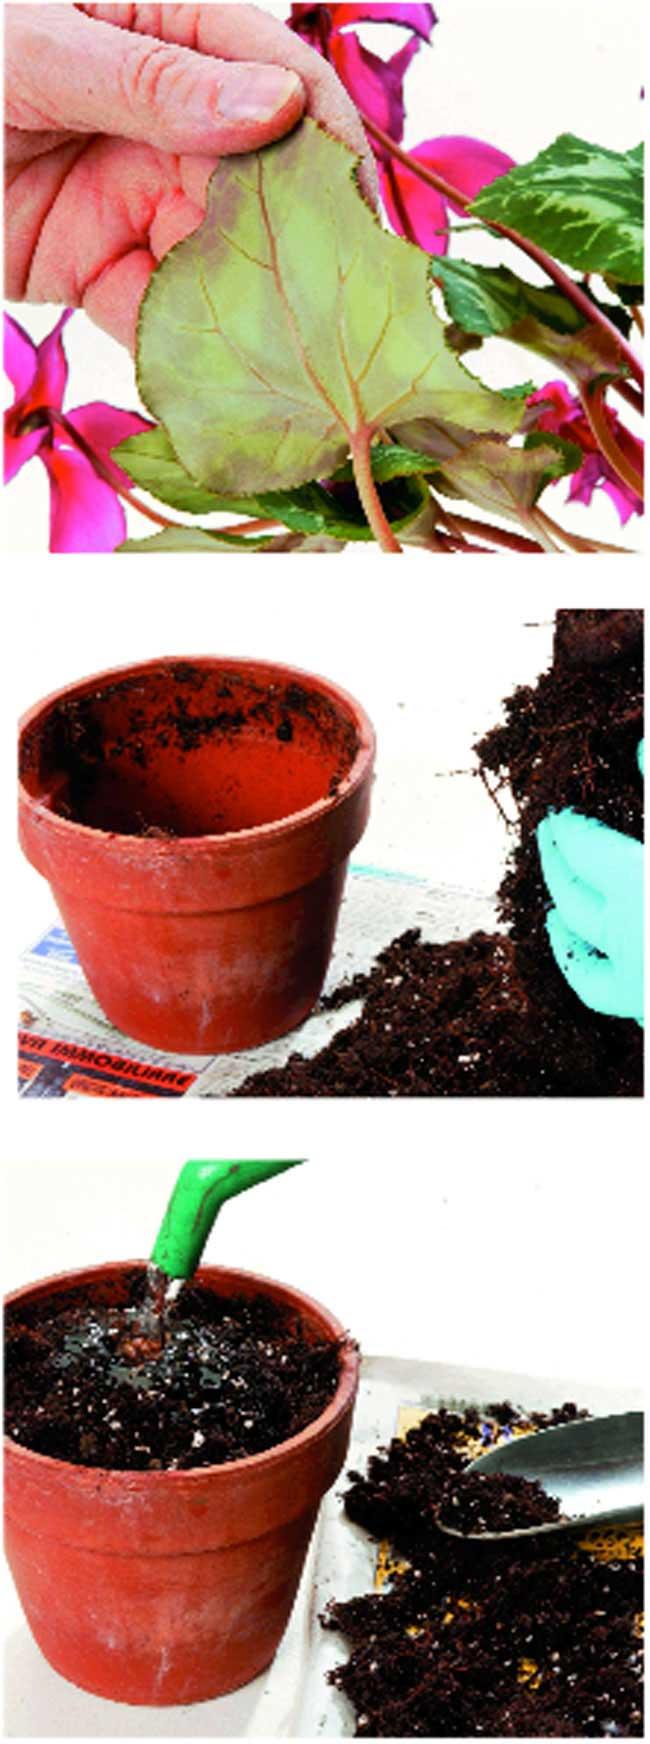 come coltivare ciclamini